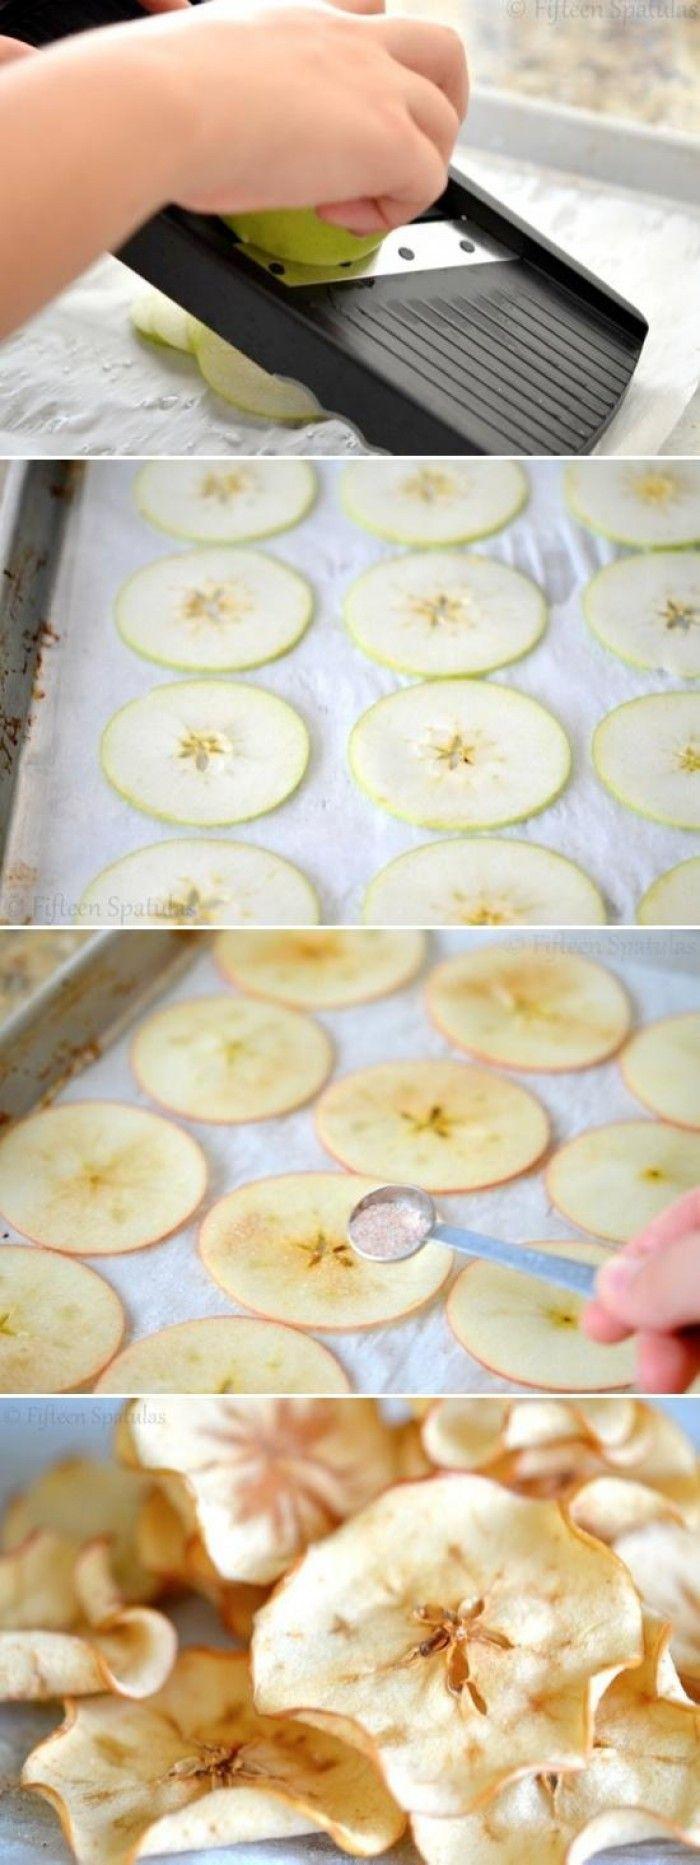 Apfel-Zimt Chips selber machen. Einfach dünne Apfel Ringen schneiden, Zimt drüber streuen und dann bei 110 Grad im Ofen backen bis sie crispy sind. Noch mehr Rezepte gibt es auf www.Spaaz.de